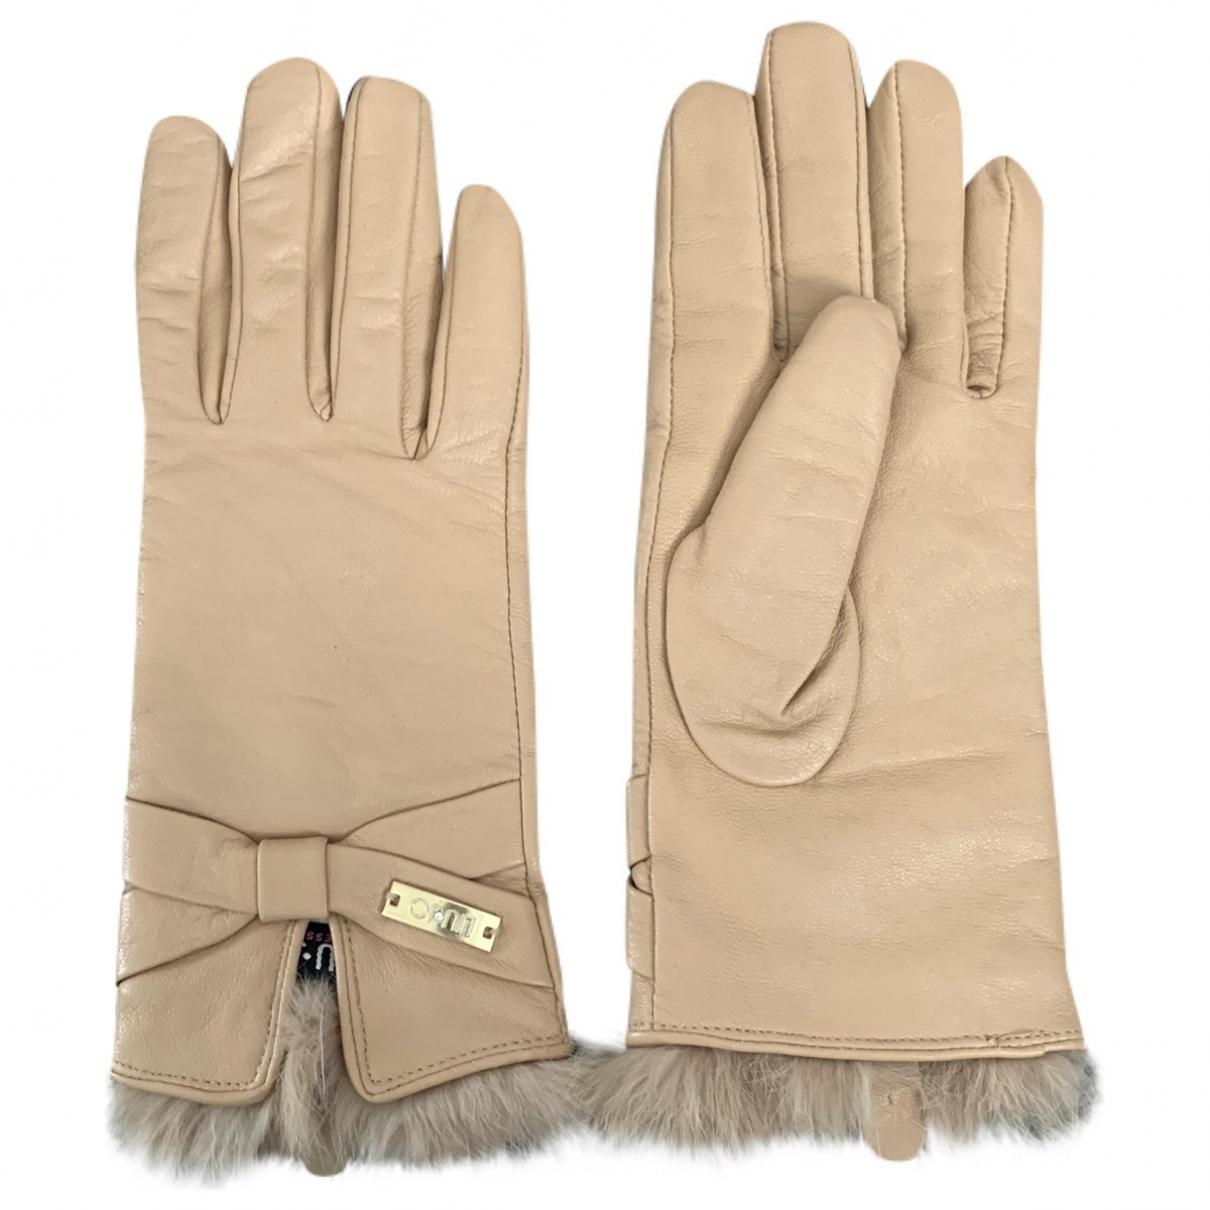 Liu.jo \N Beige Leather Gloves for Women S International